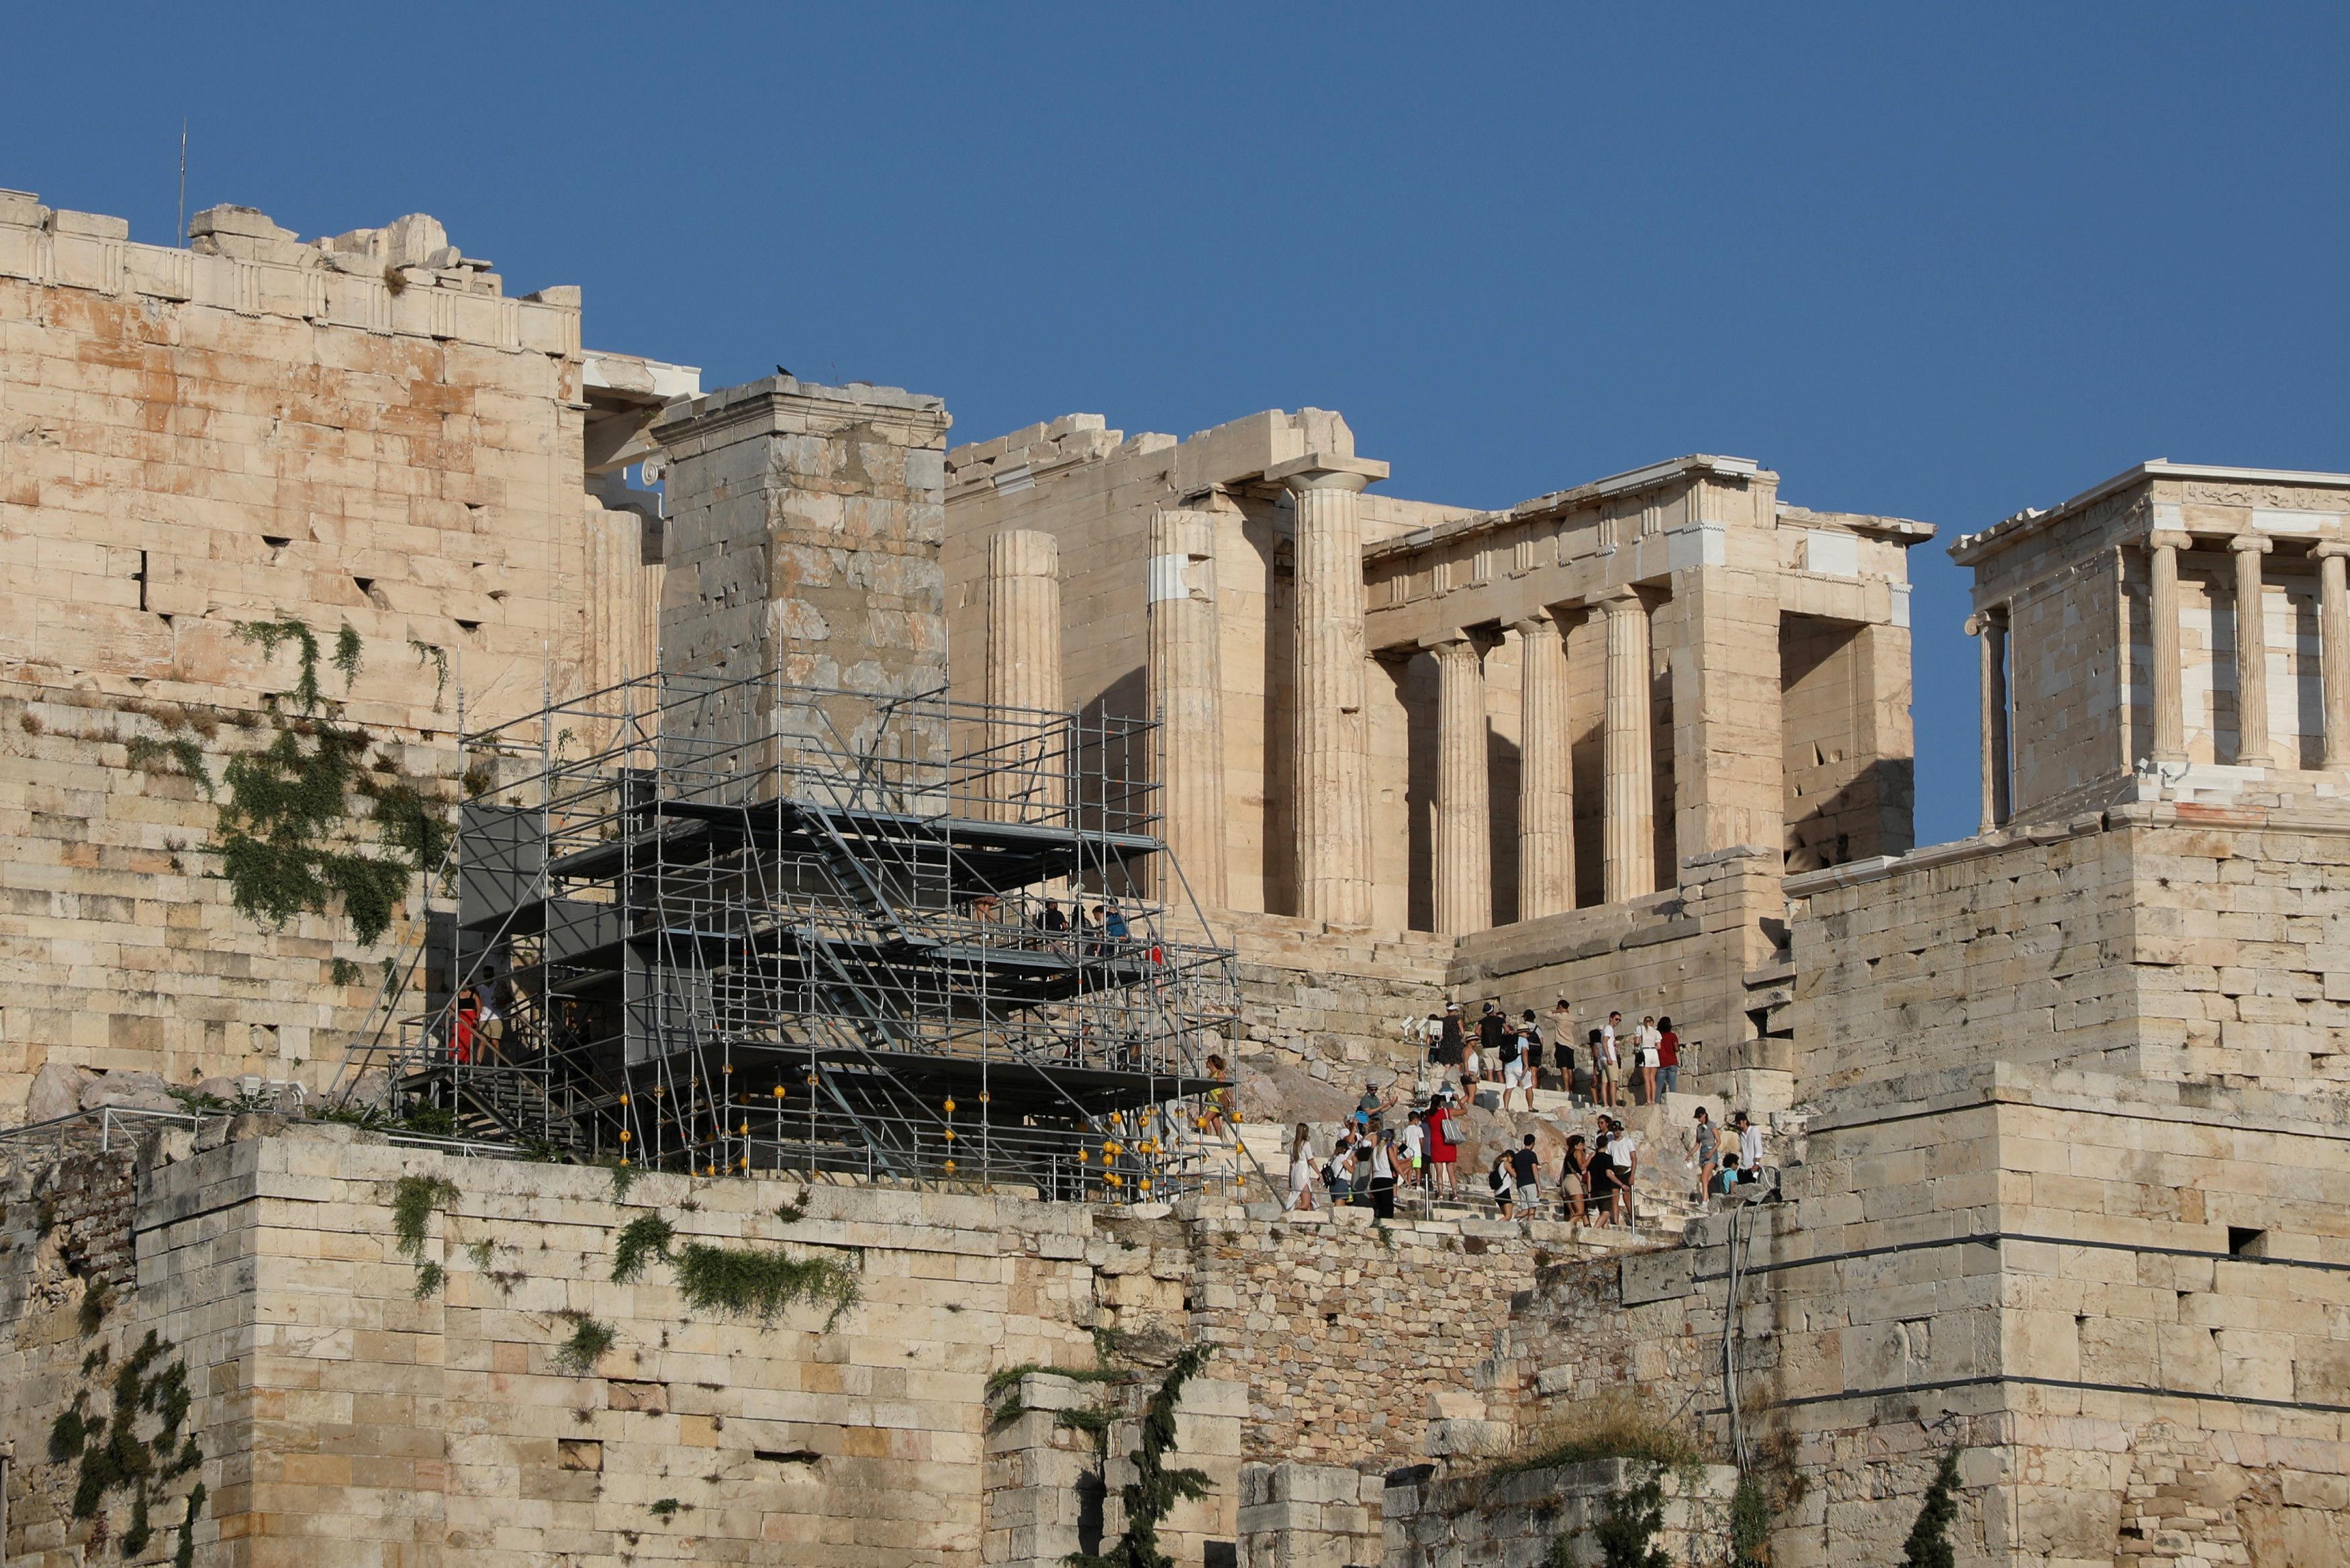 ტურისტები გეზი მიდიან პროპილაიასთან, აკროპოლისის მახლობლად, ათენის დედაქალაქ საბერძნეთში, 25 ივლისი, 2021 ივლისი. სურათი გადაღებულია 25 წლის 2021 ივლისს. REUTERS / ლუიზა ვრადი